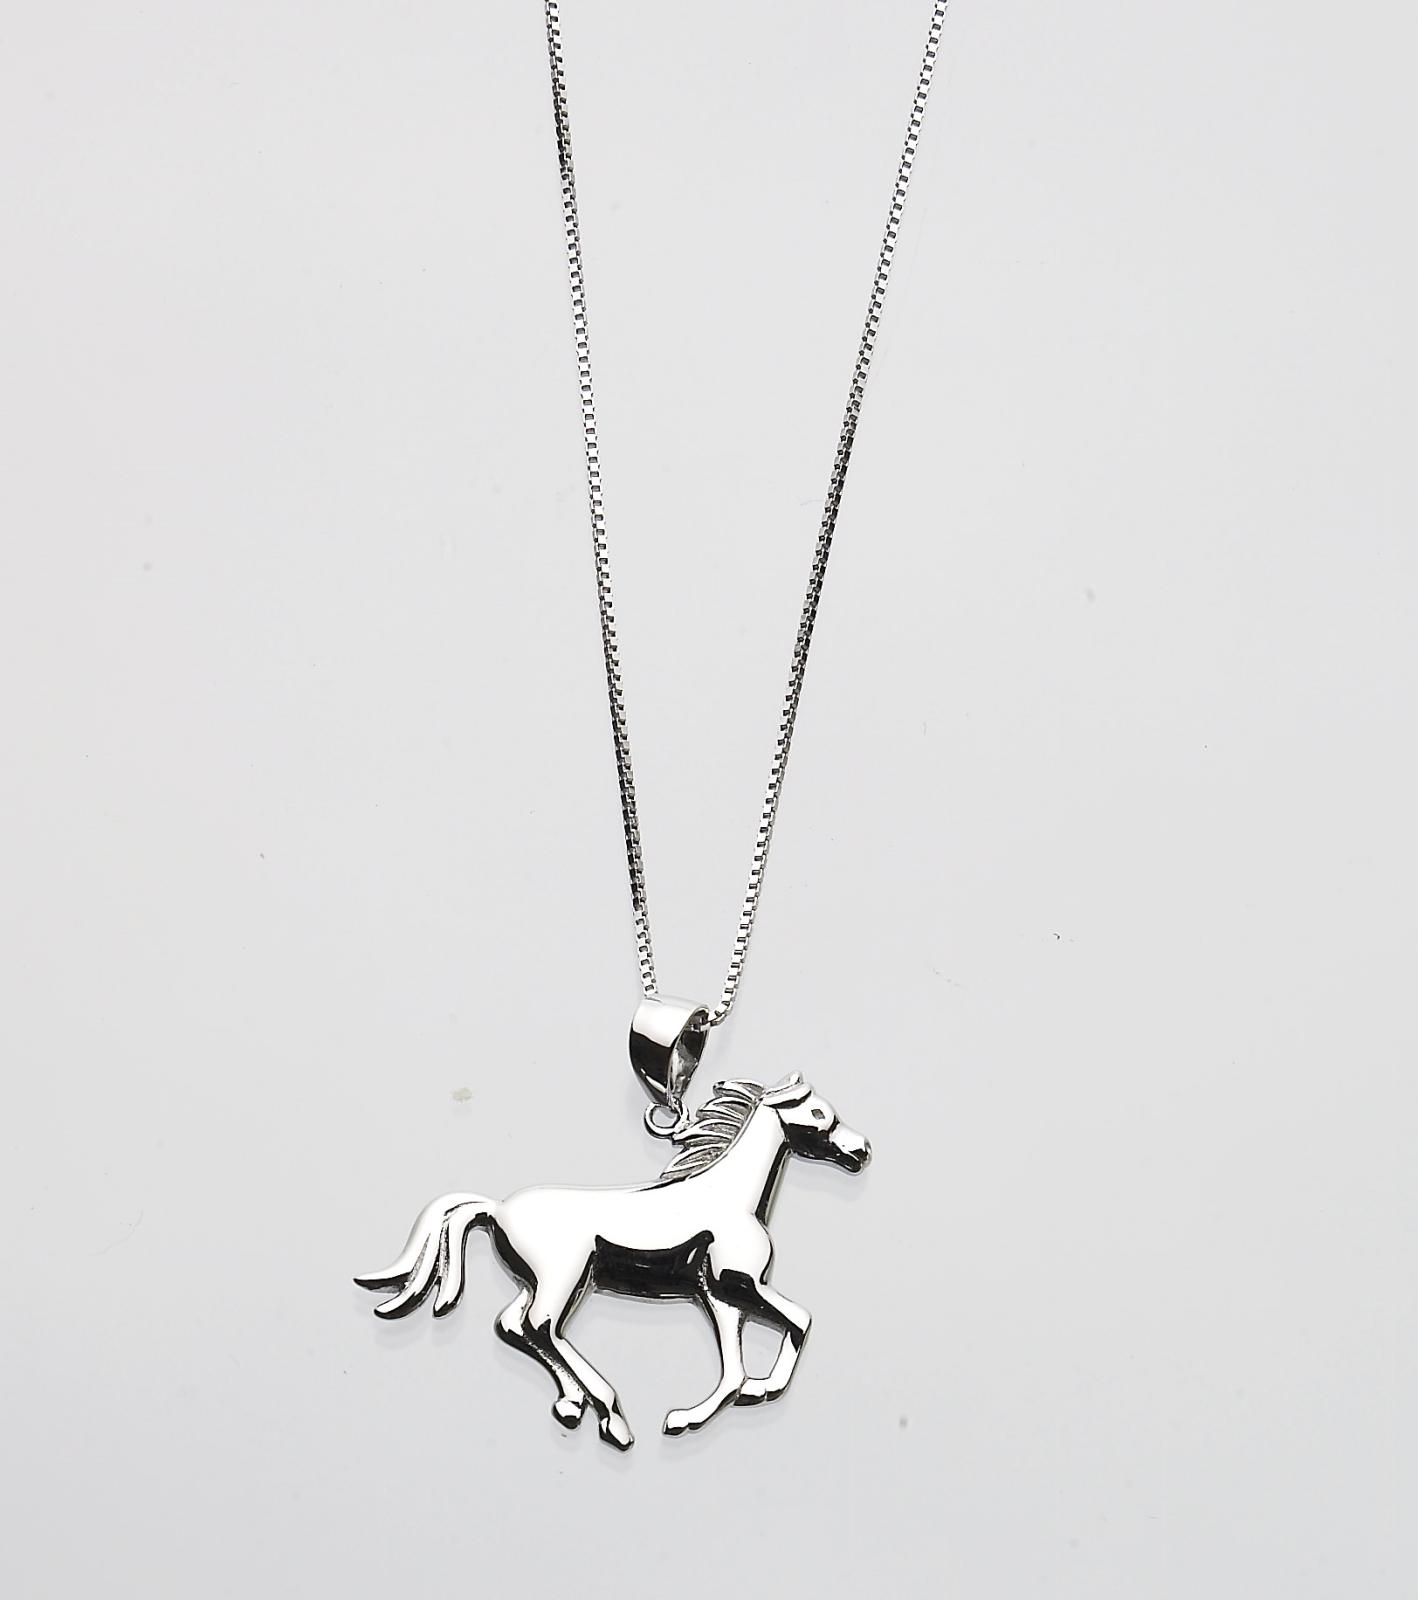 Shiny Running Horse Necklace